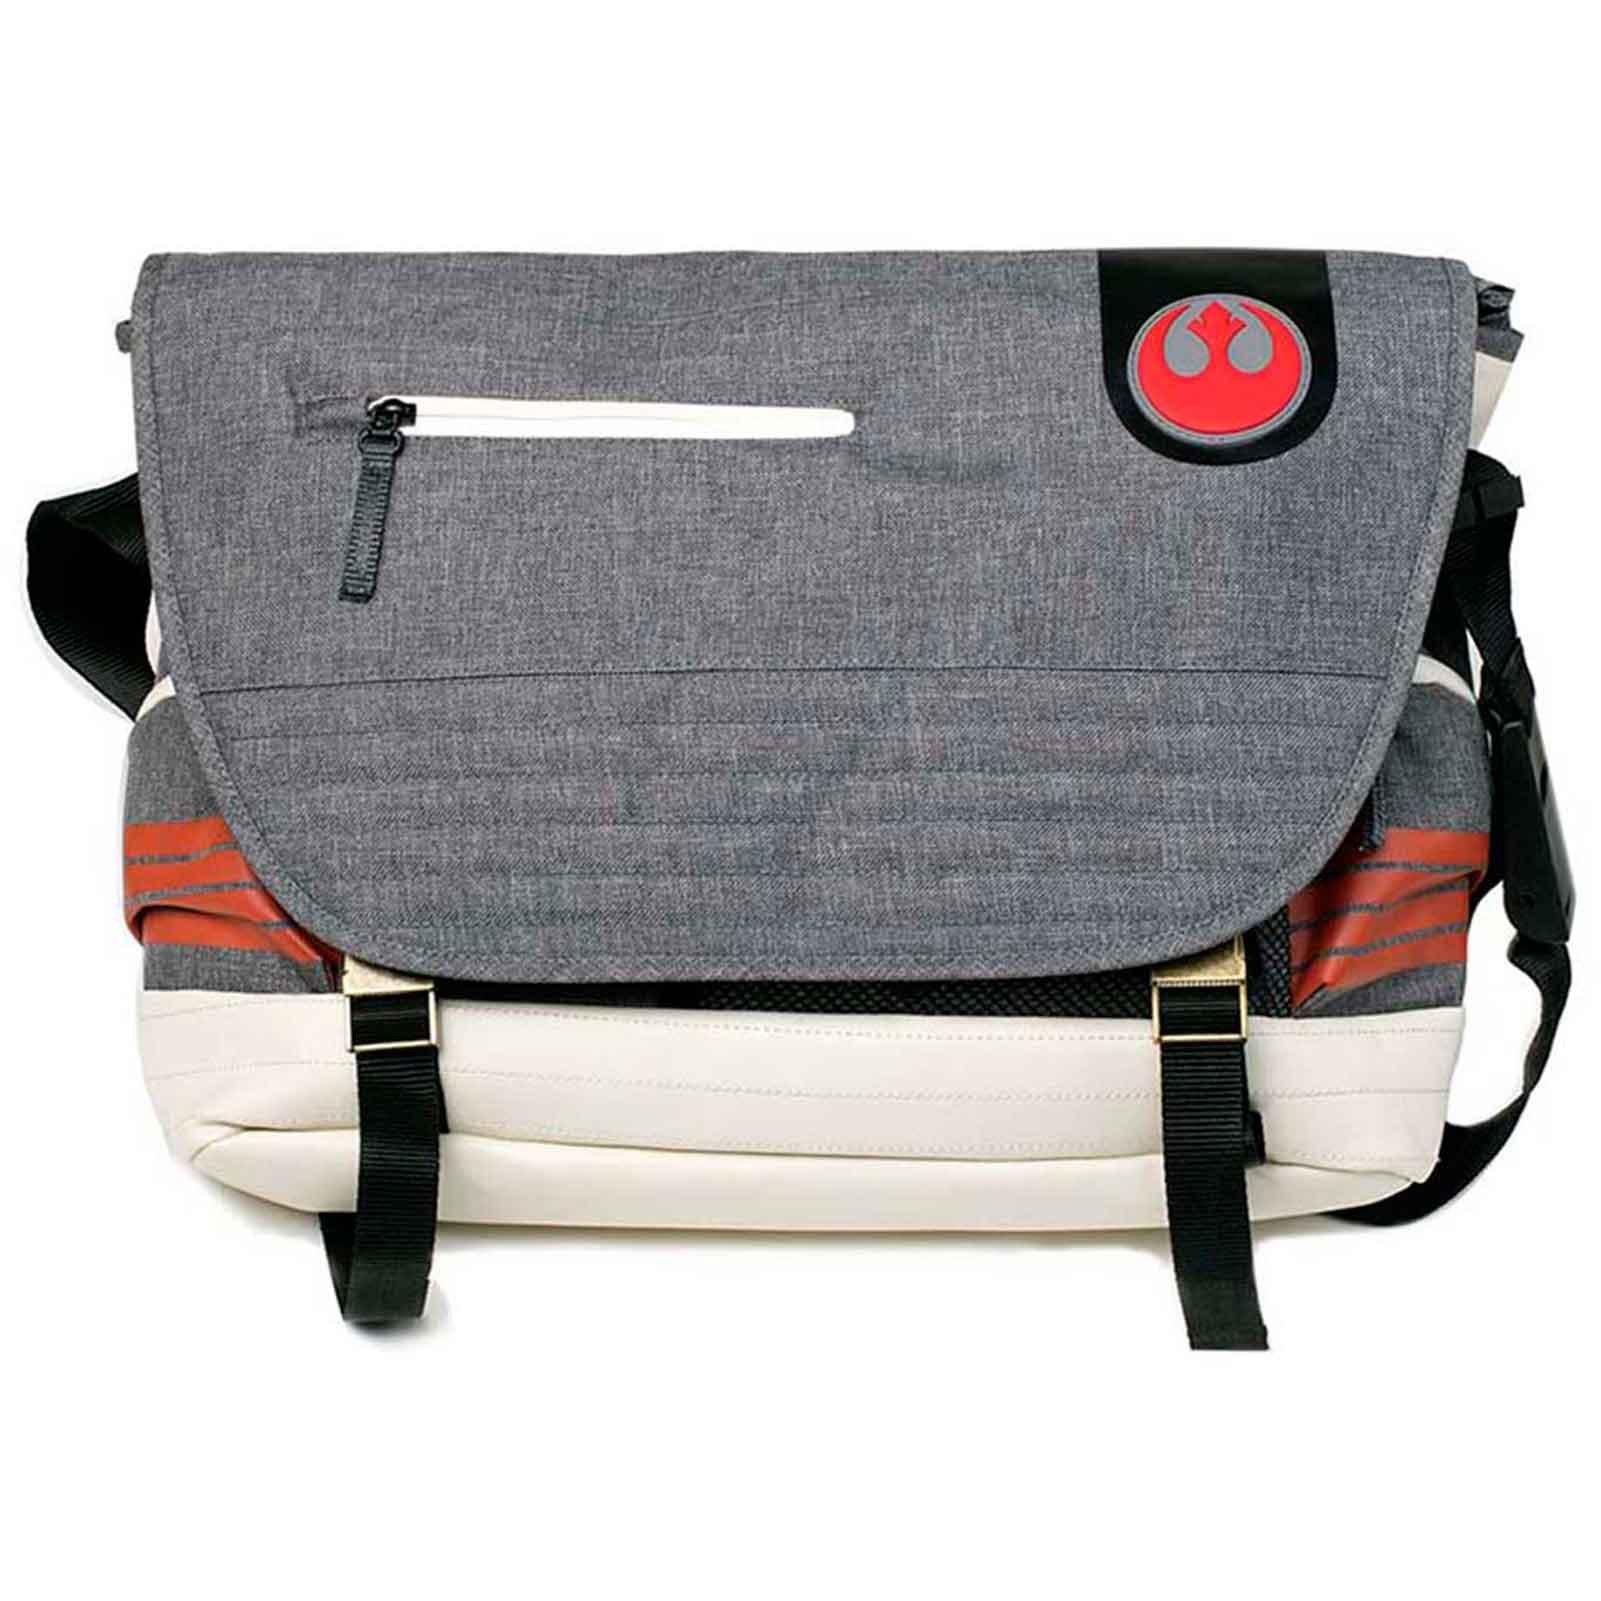 Star Wars Messenger Bag Rebel Pilot Inspired Official Grey